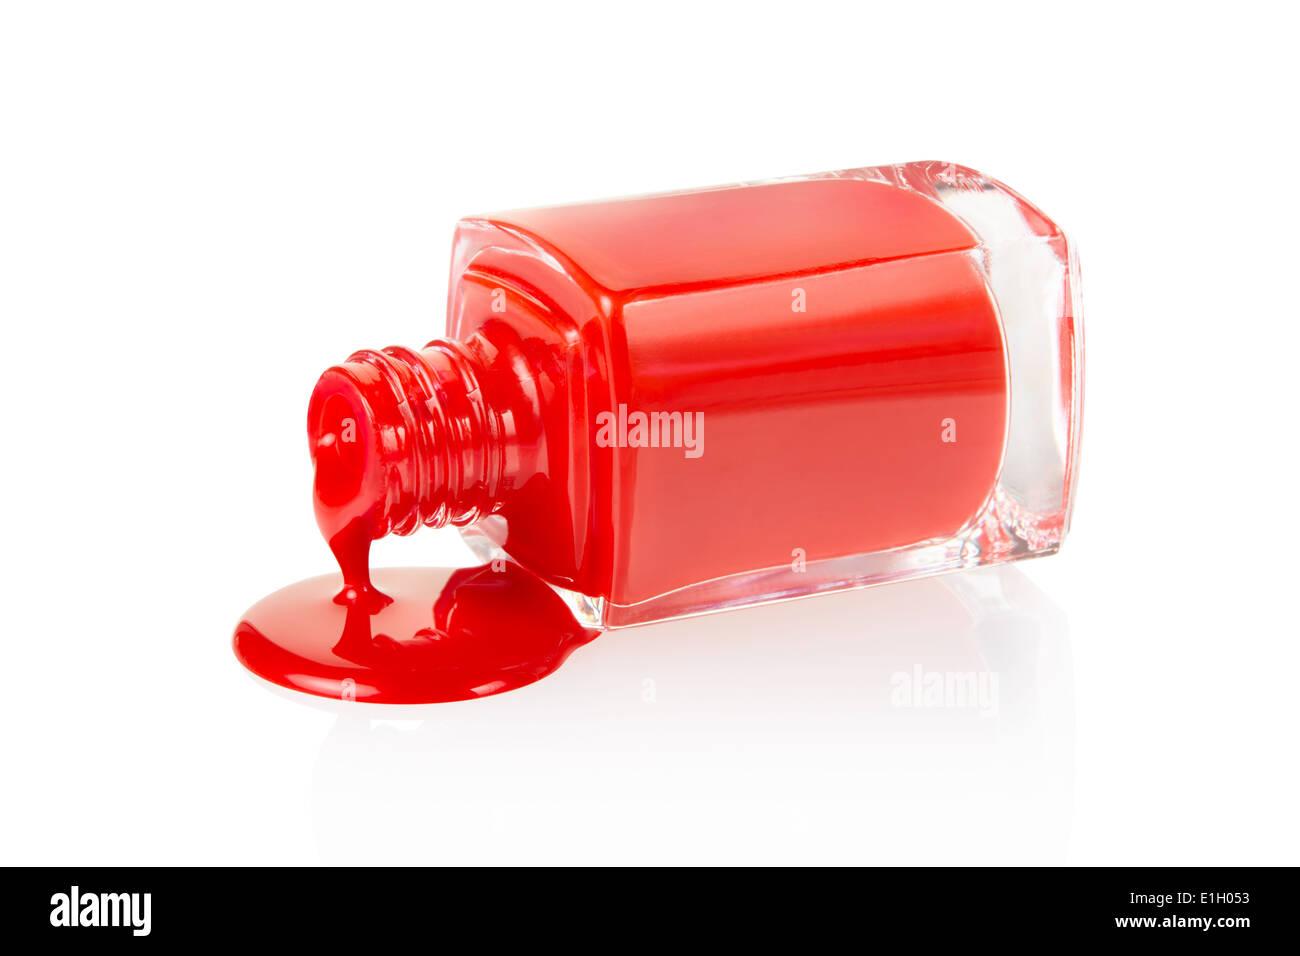 Esmalte de uñas de color rojo derramado Imagen De Stock